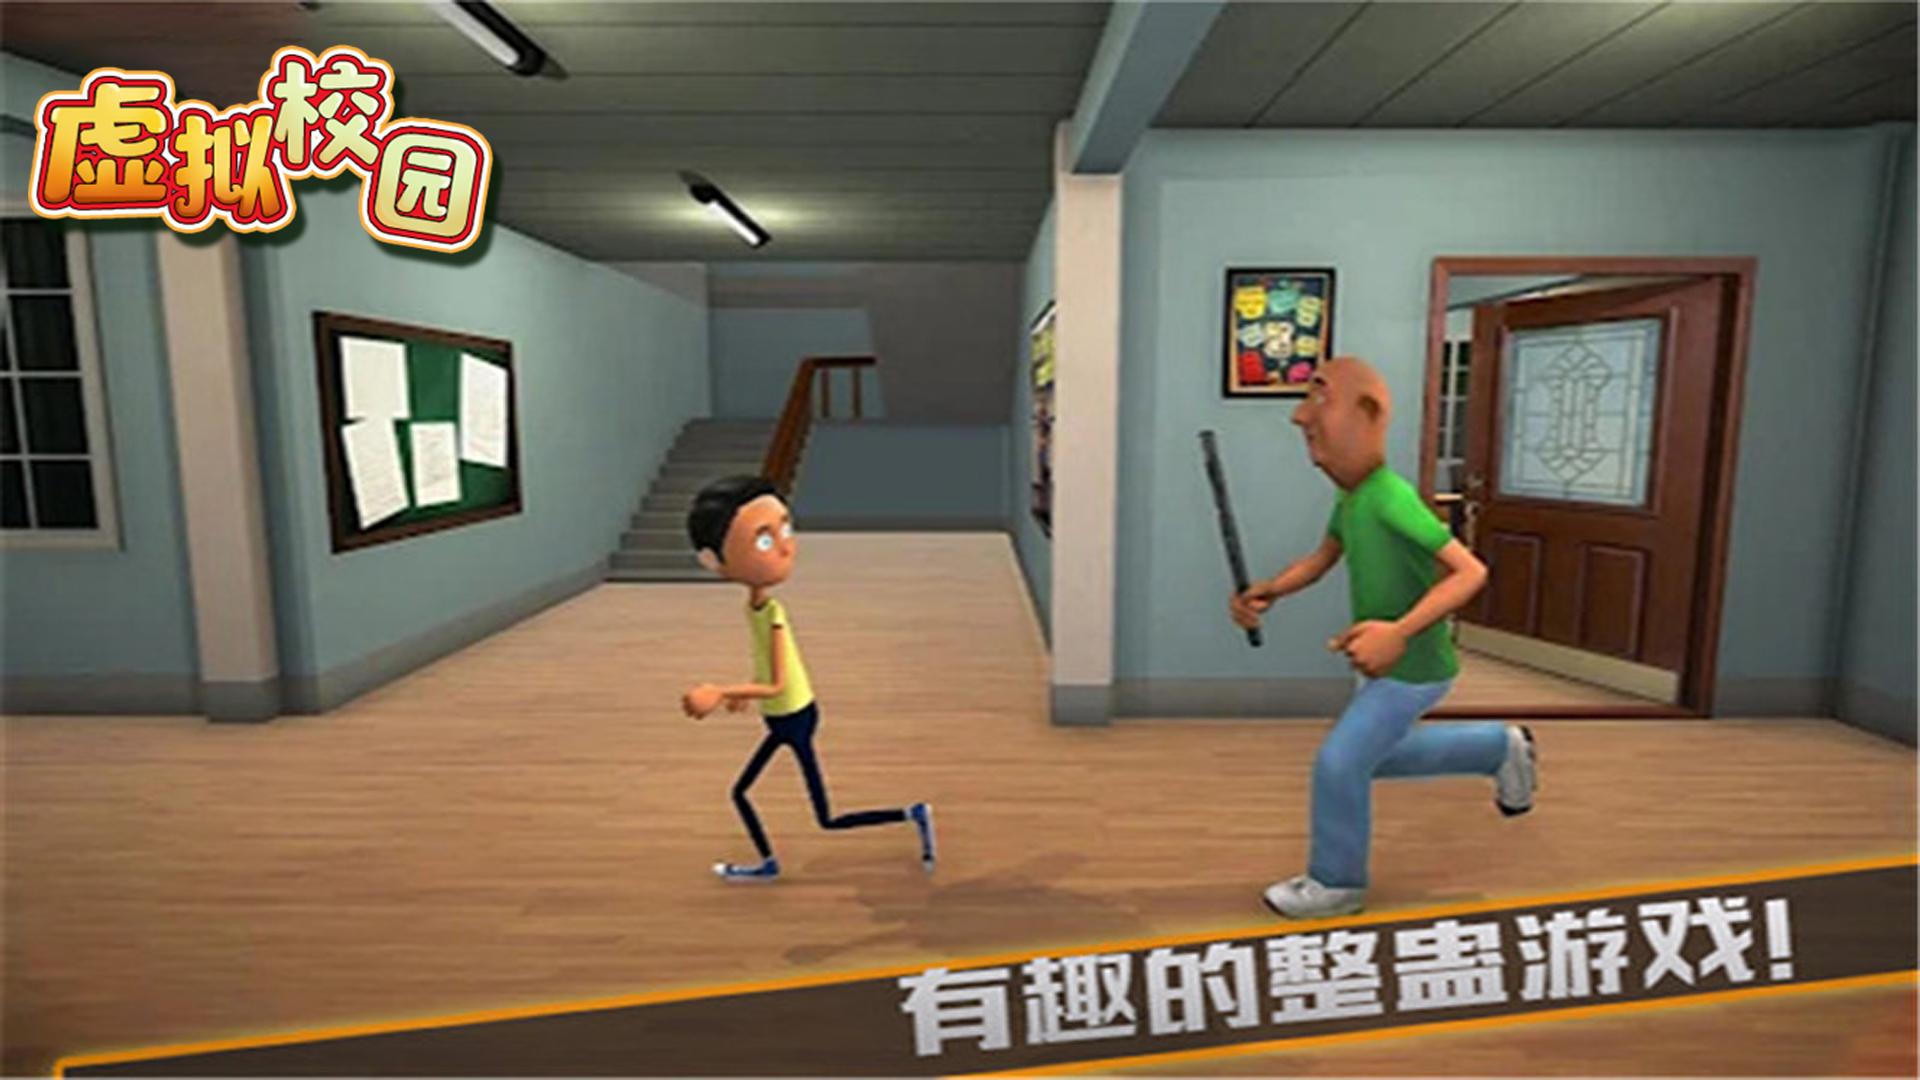 虚拟校园游戏最新版